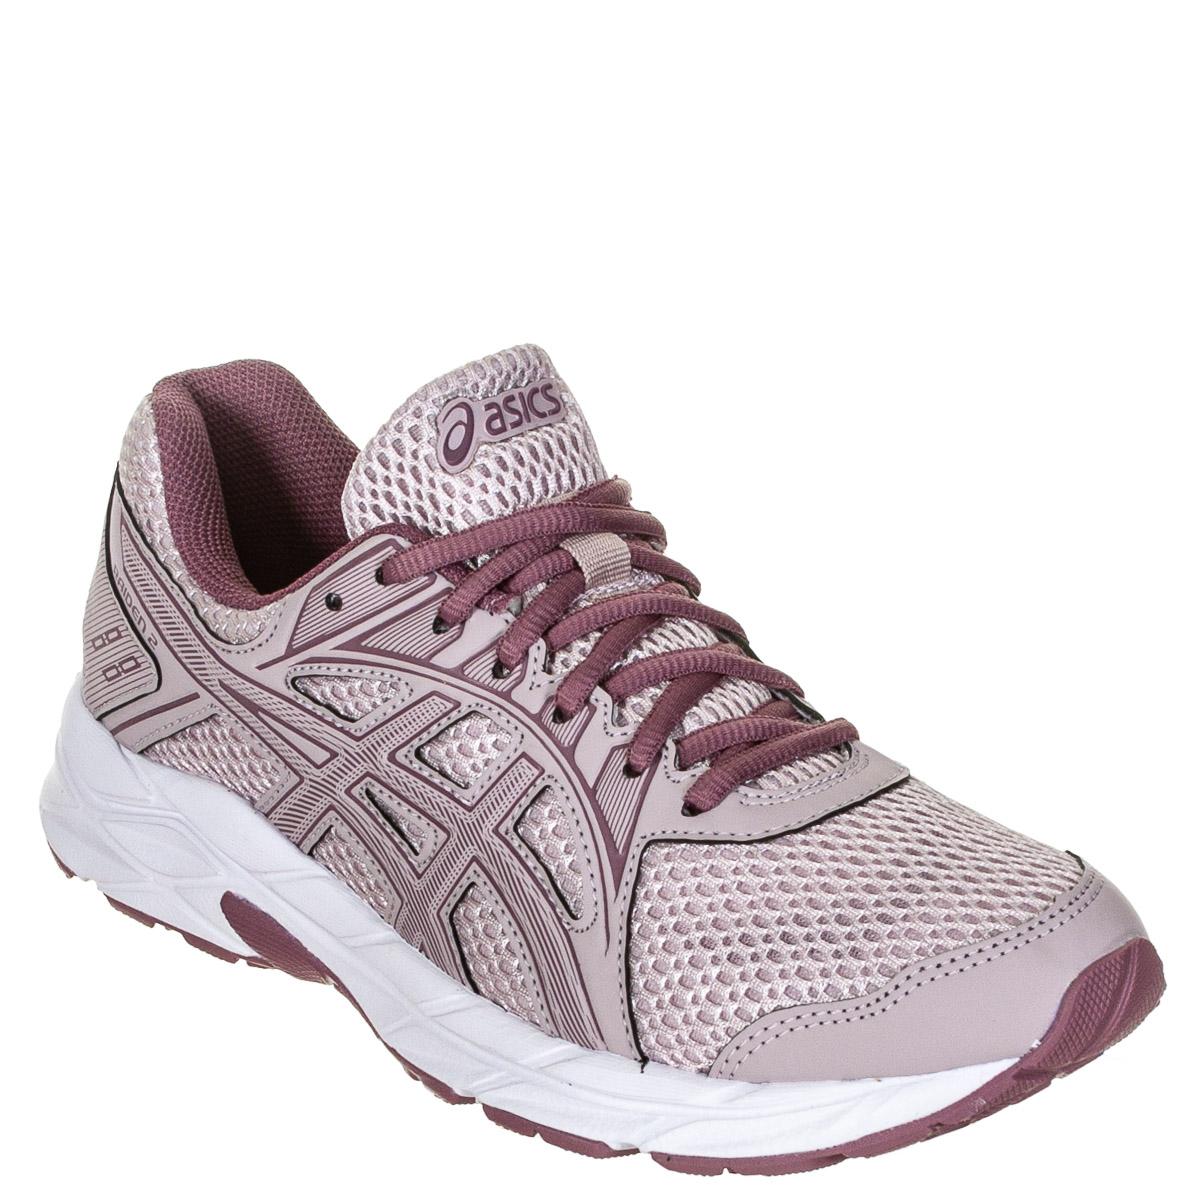 Tênis Asics Raiden 2 Feminino Corrida - Caminhada - Rosé